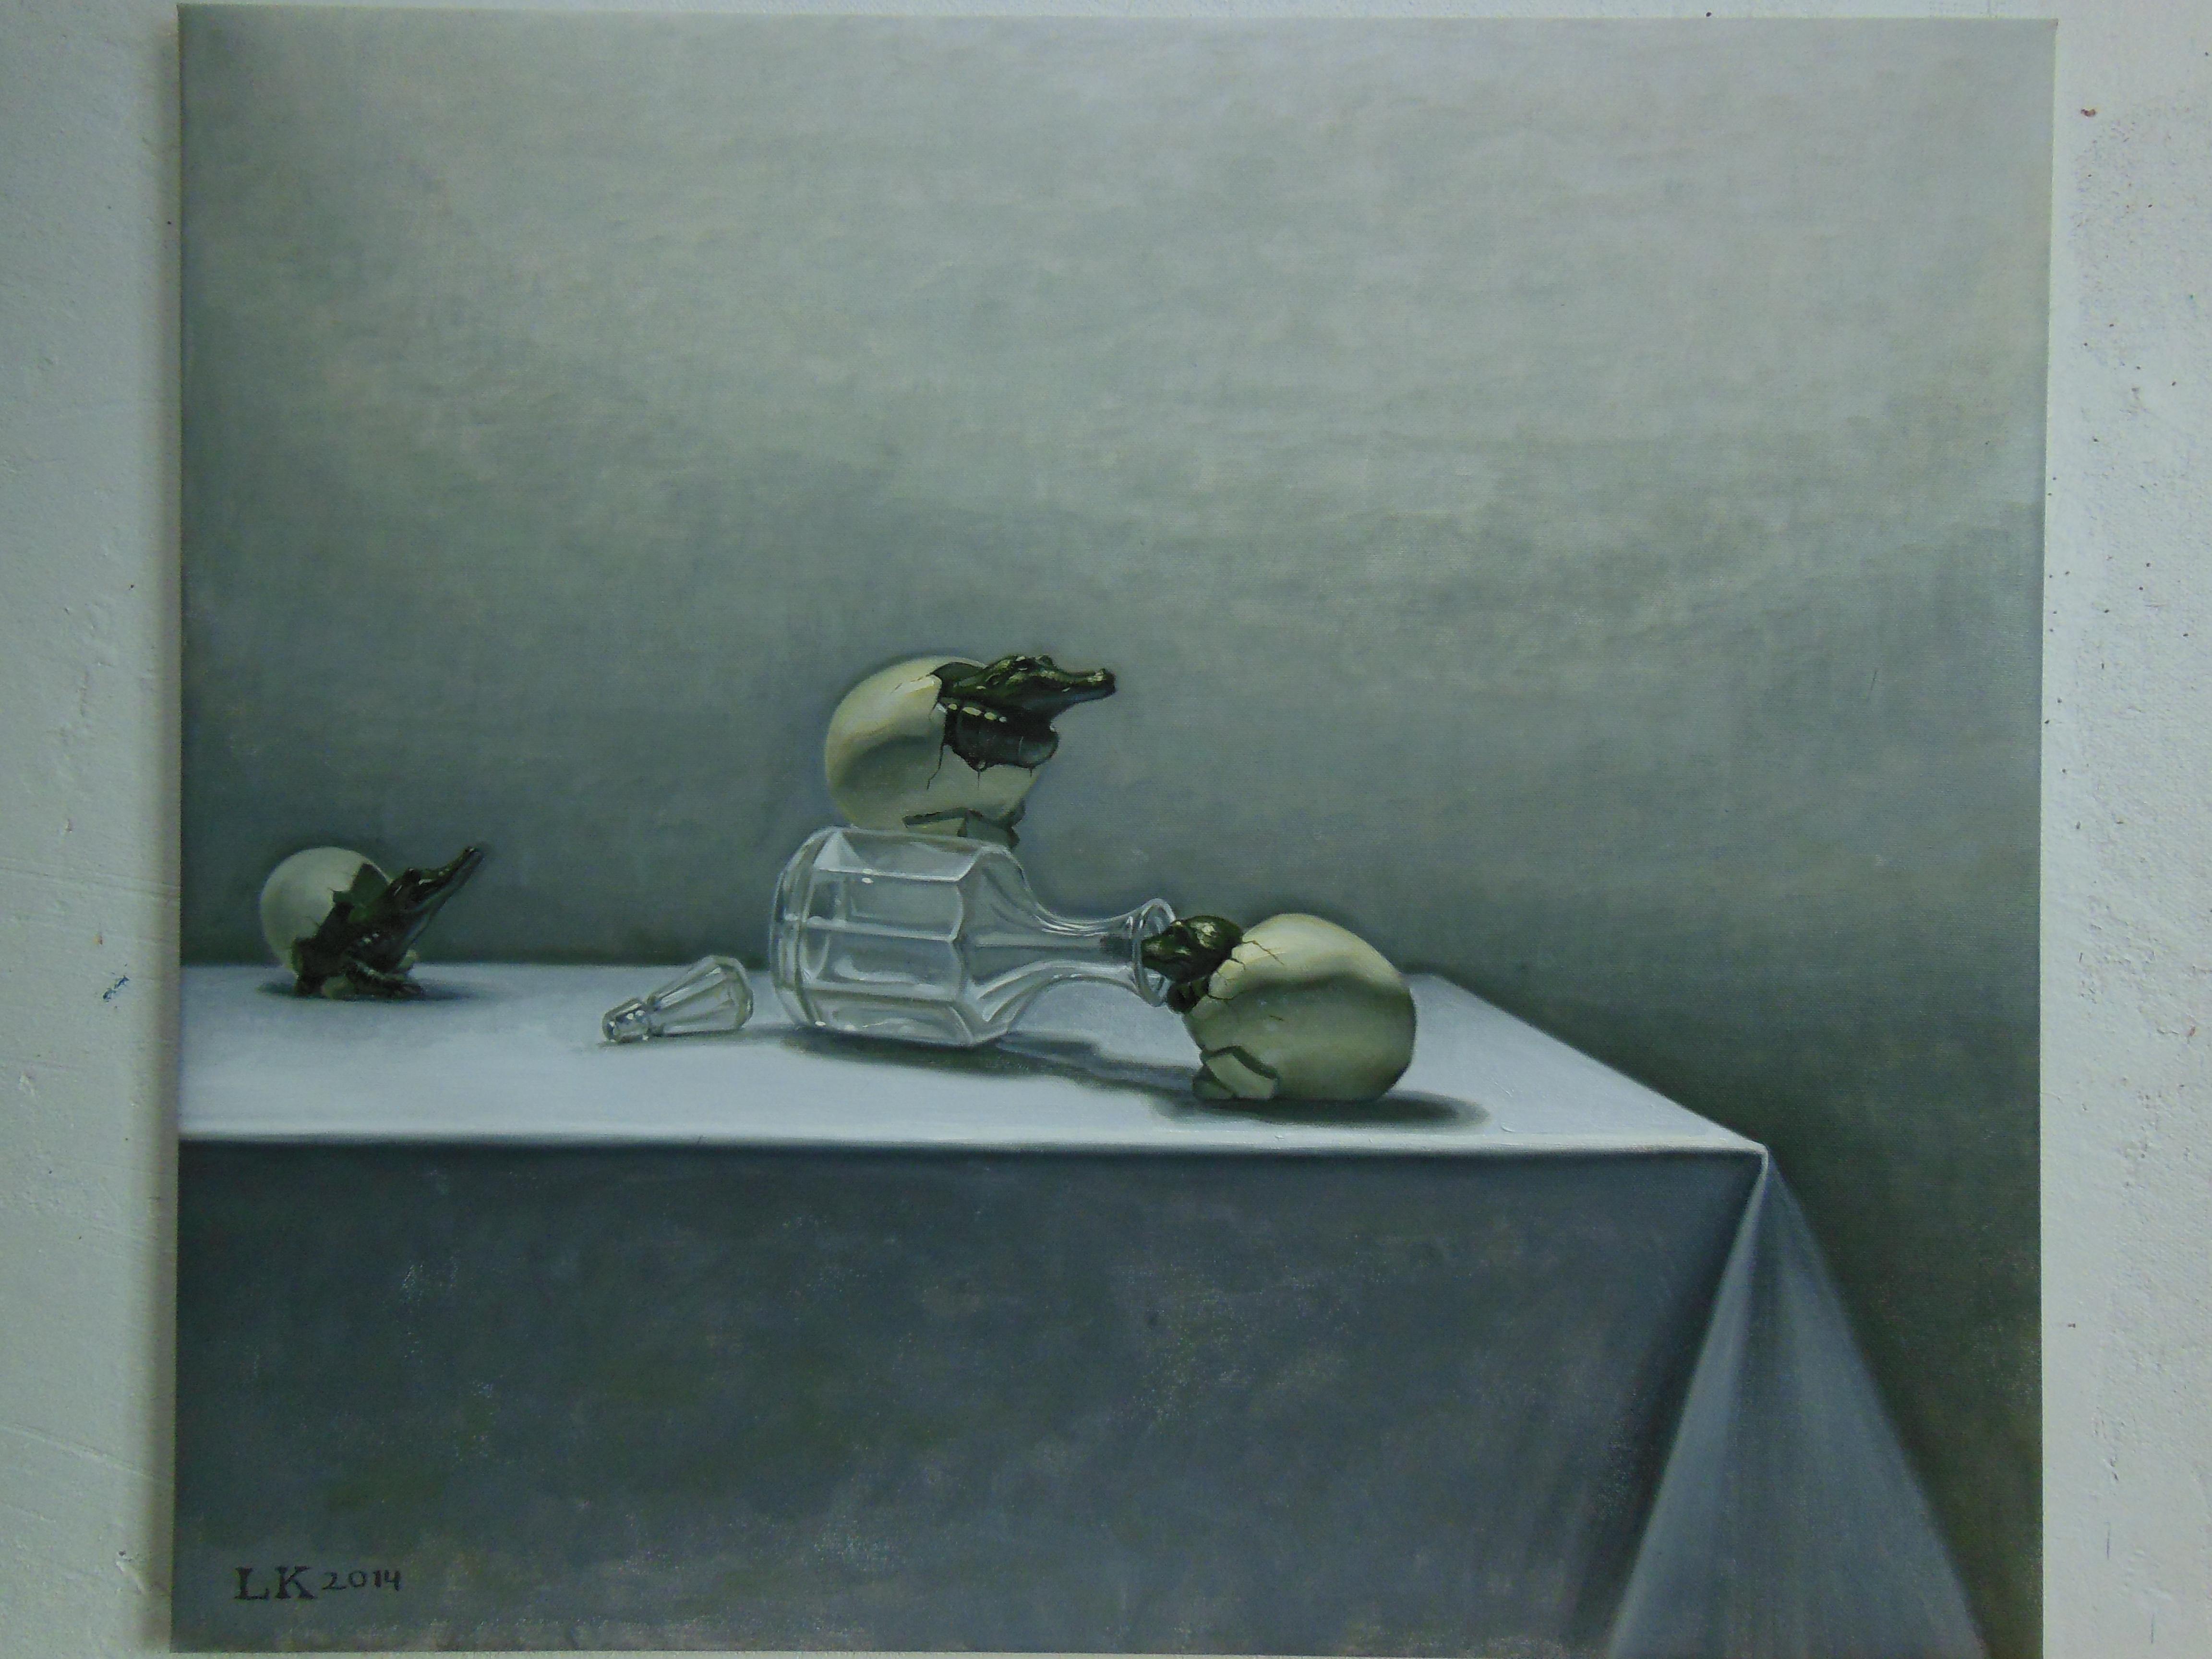 Pöydällä kaatunut karahvi, munia joista kuoriutuu krokotiileja. Valkoinen pöytäliina, vaaleanharmaa seinä.